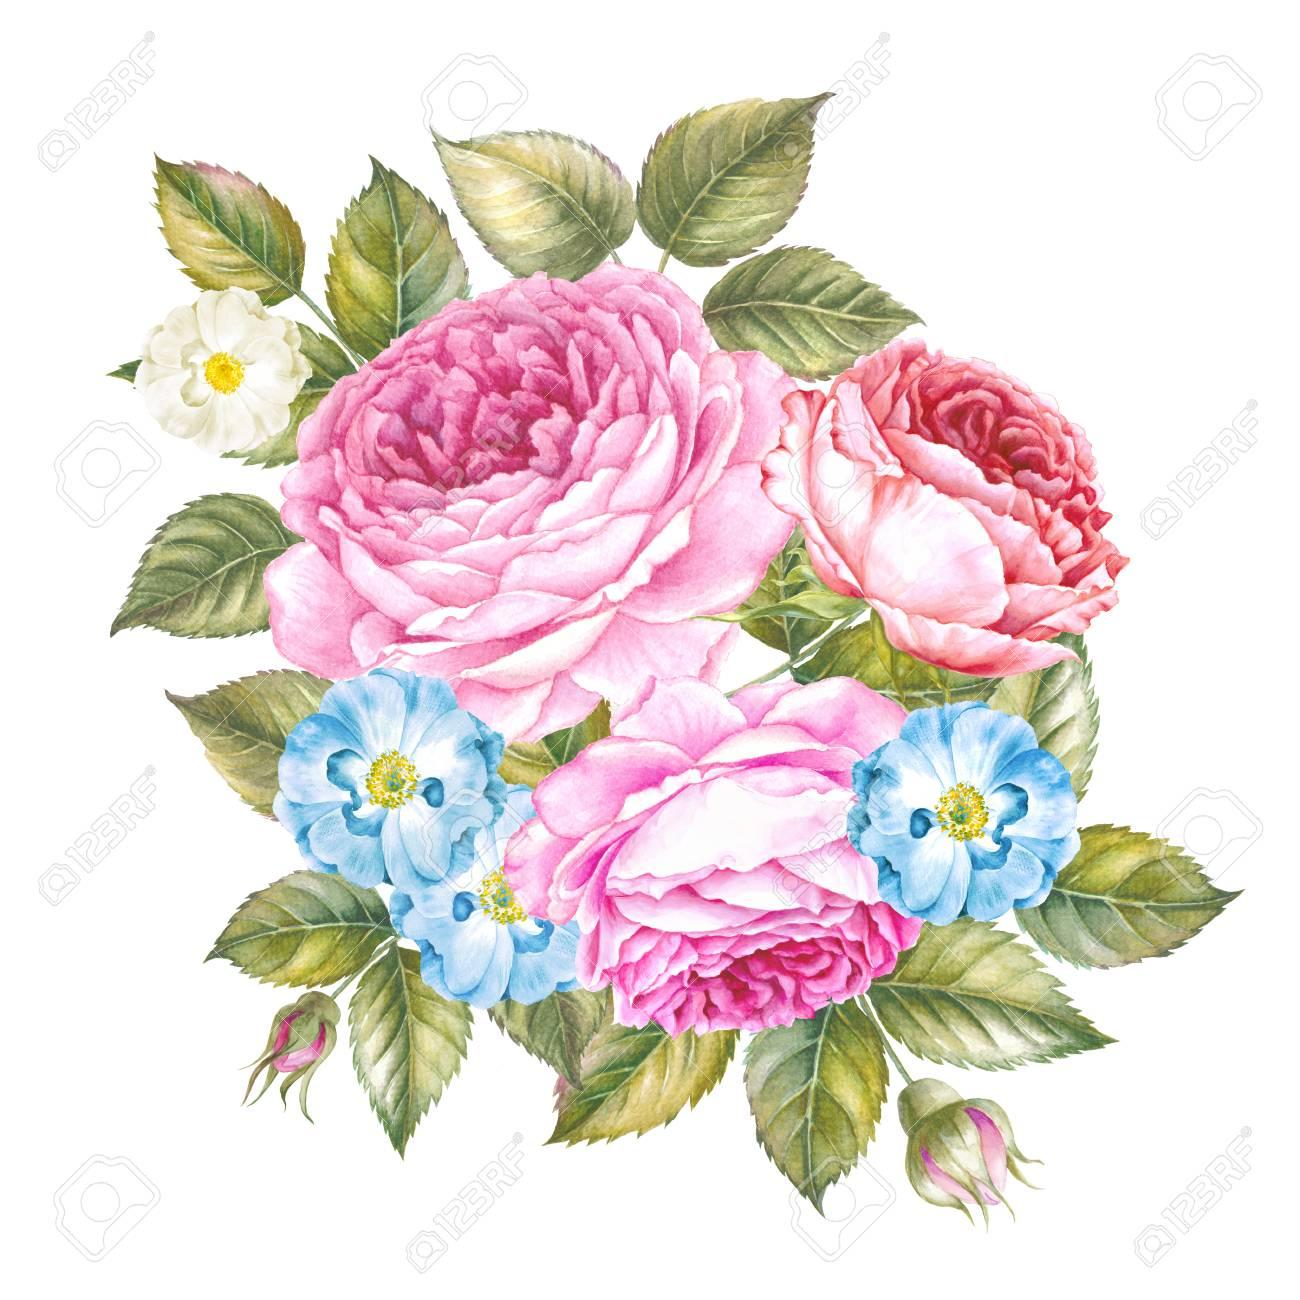 Ramo De Rosas Tarjeta De Invitación Para Boda Matrimonio O Cumpleaños Y Otras Fiestas Ilustración Botánica De Acuarela